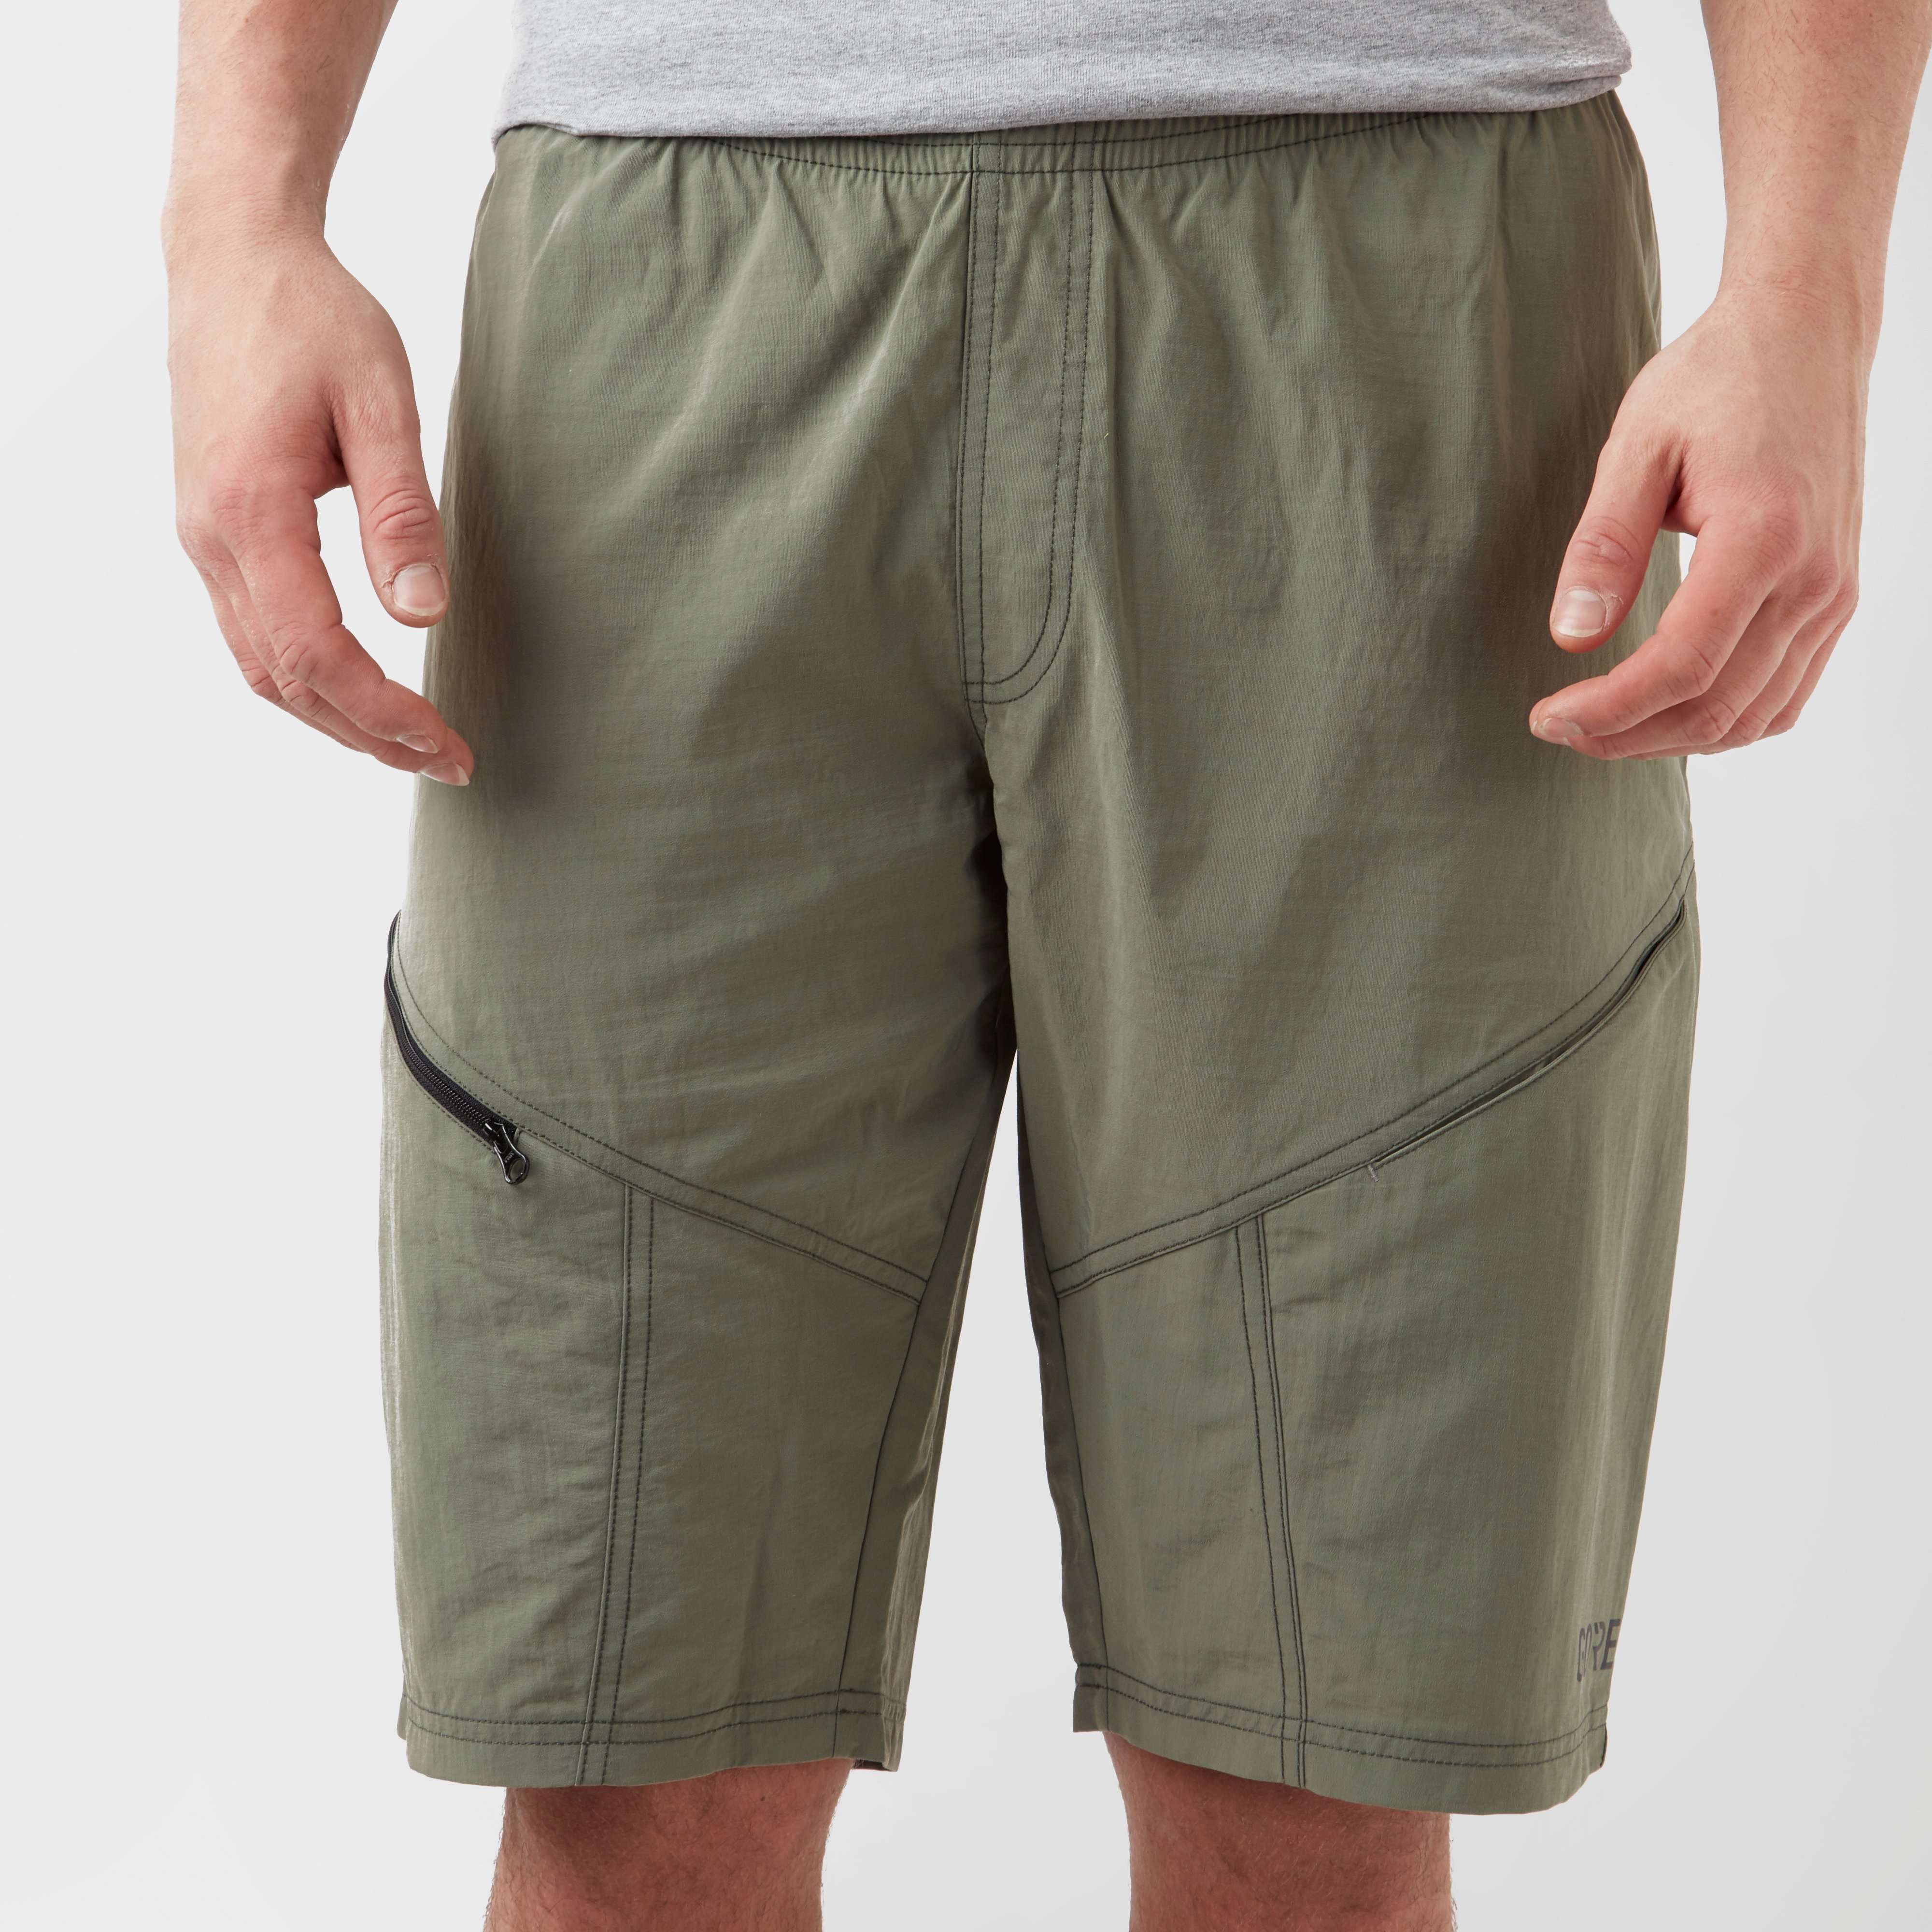 GORE Men's C3 Classic Shorts+